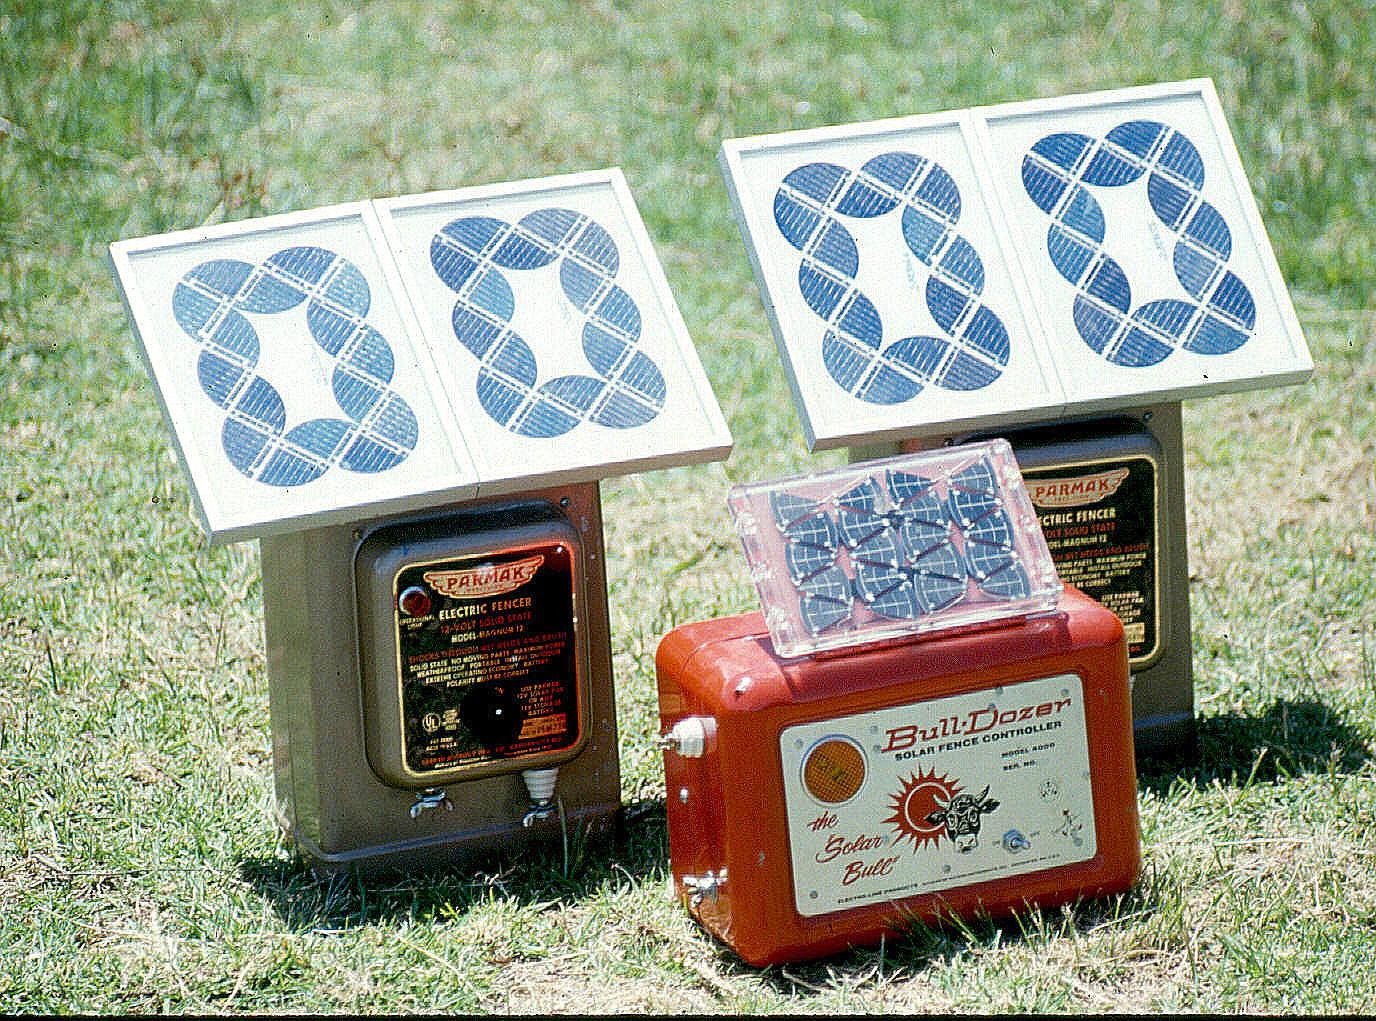 solar units paddock expt intona